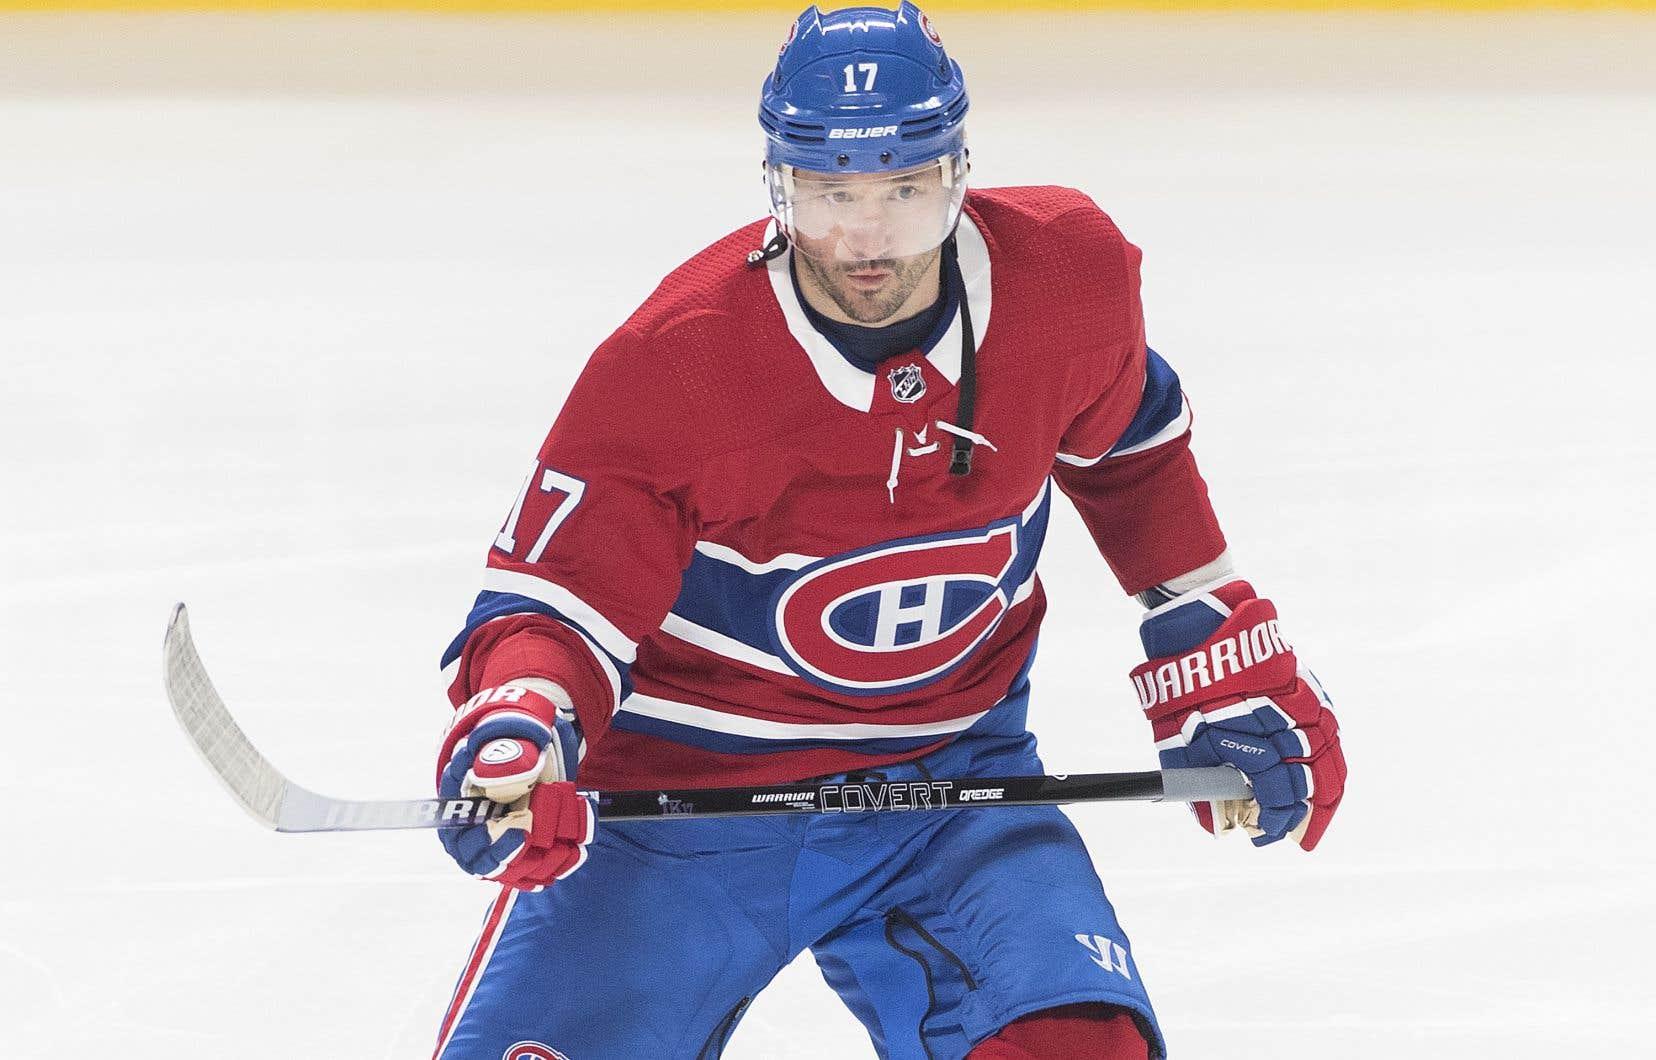 Ilya Kovalchuk avait signé un contrat d'un an avec le Canadien le 3 janvier dernier.